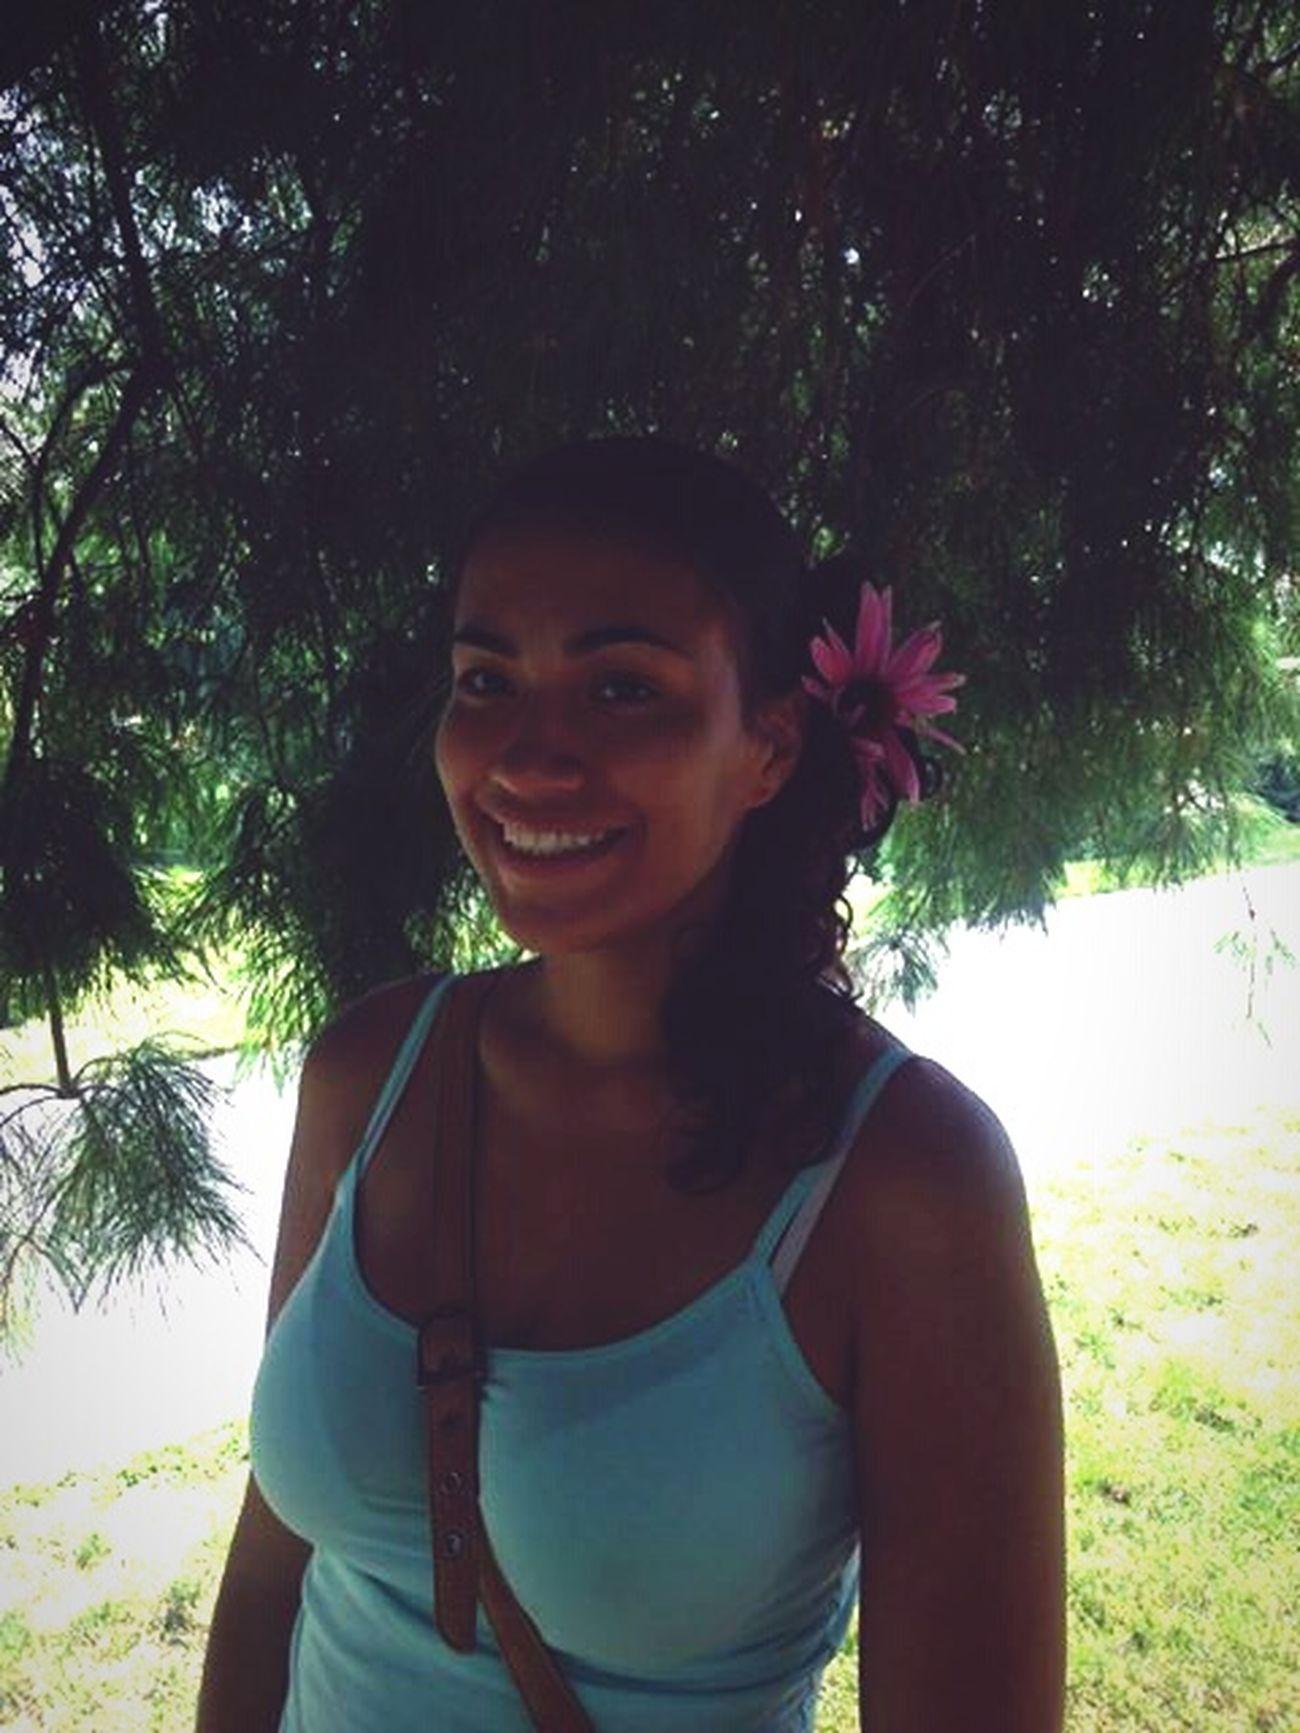 Enjoying Life Massachusetts Naturelover Howigethigh Girlsthathike Shade Of A Tree